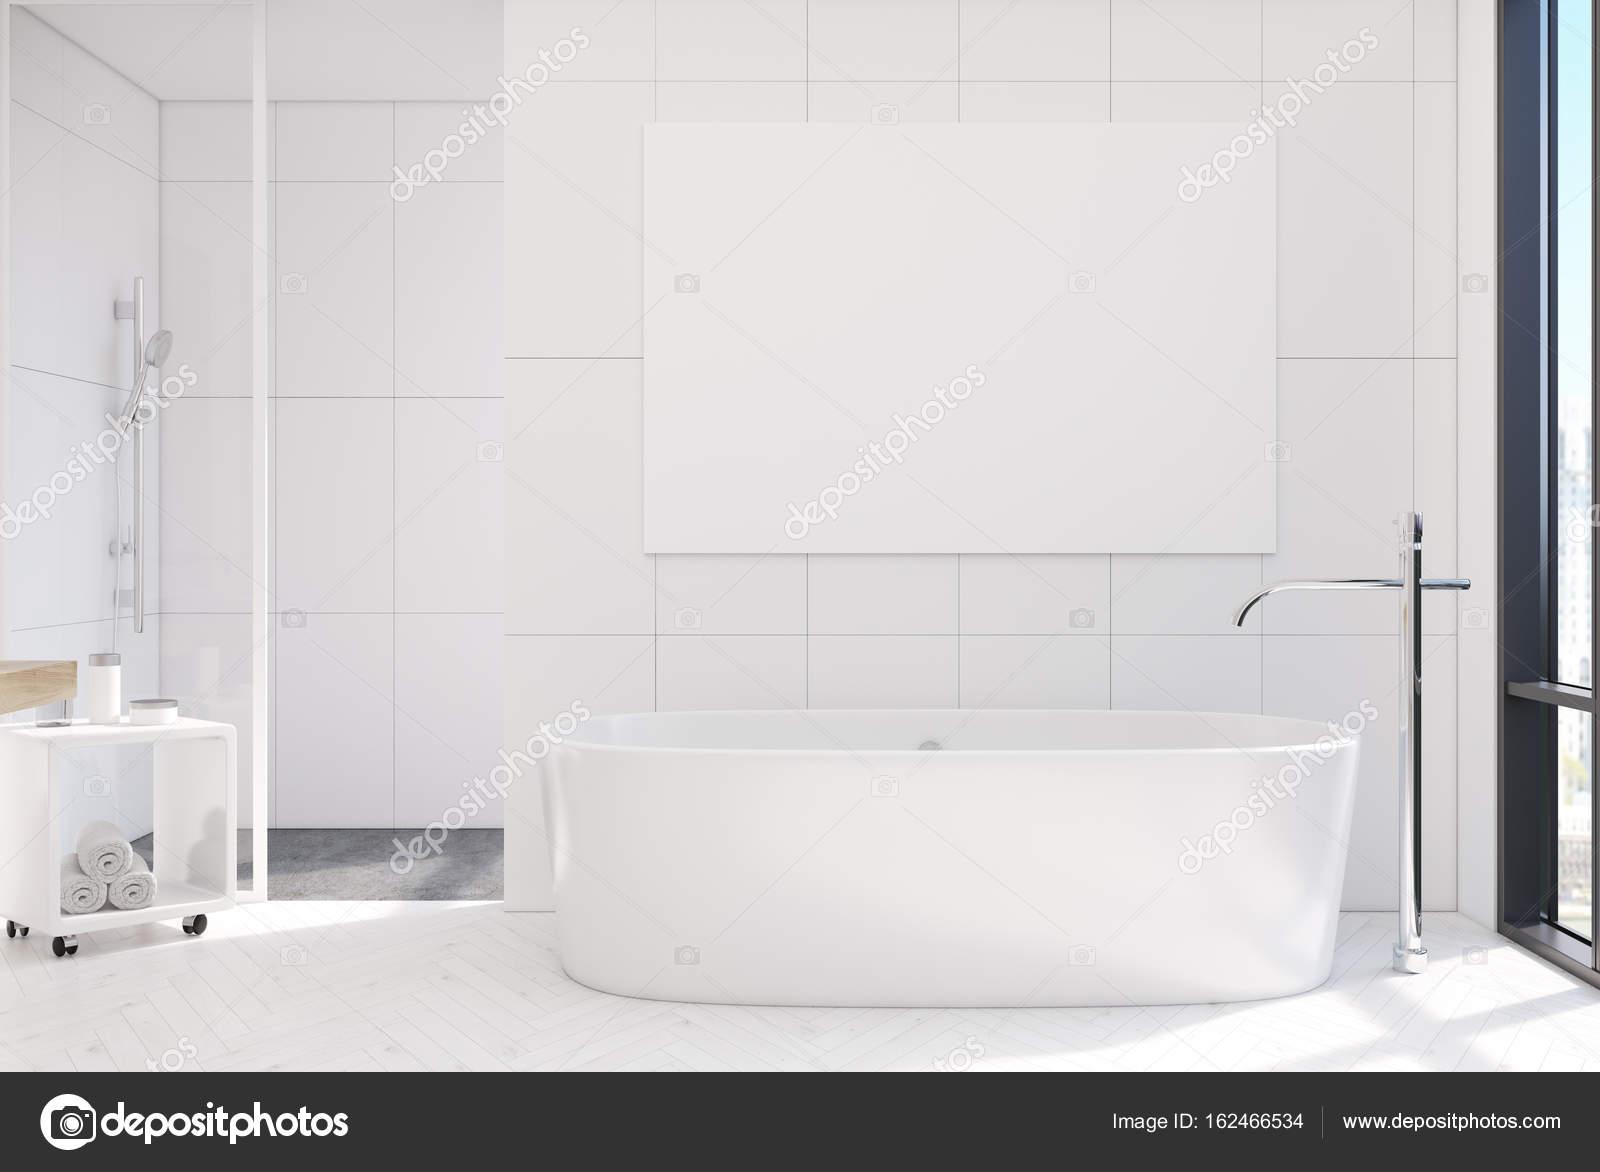 Gefliestes Badezimmer, Runde Badewanne, poster — Stockfoto ...